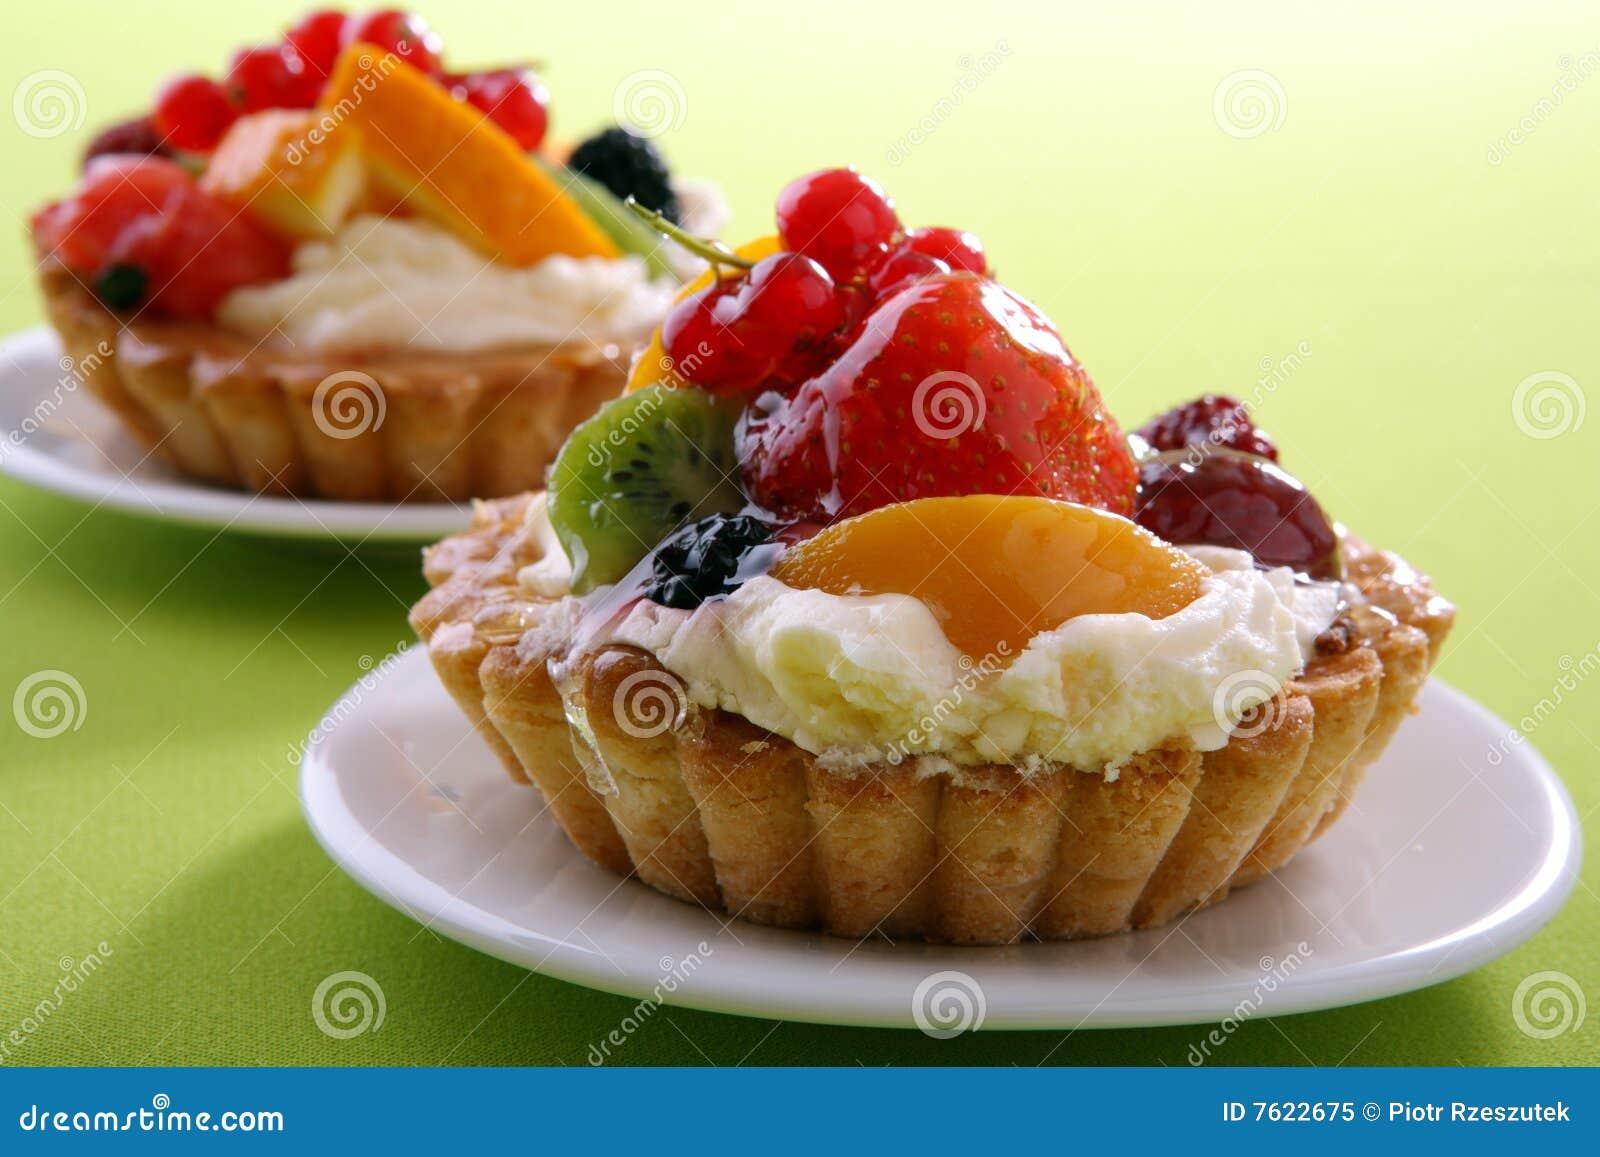 蛋糕新鲜水果